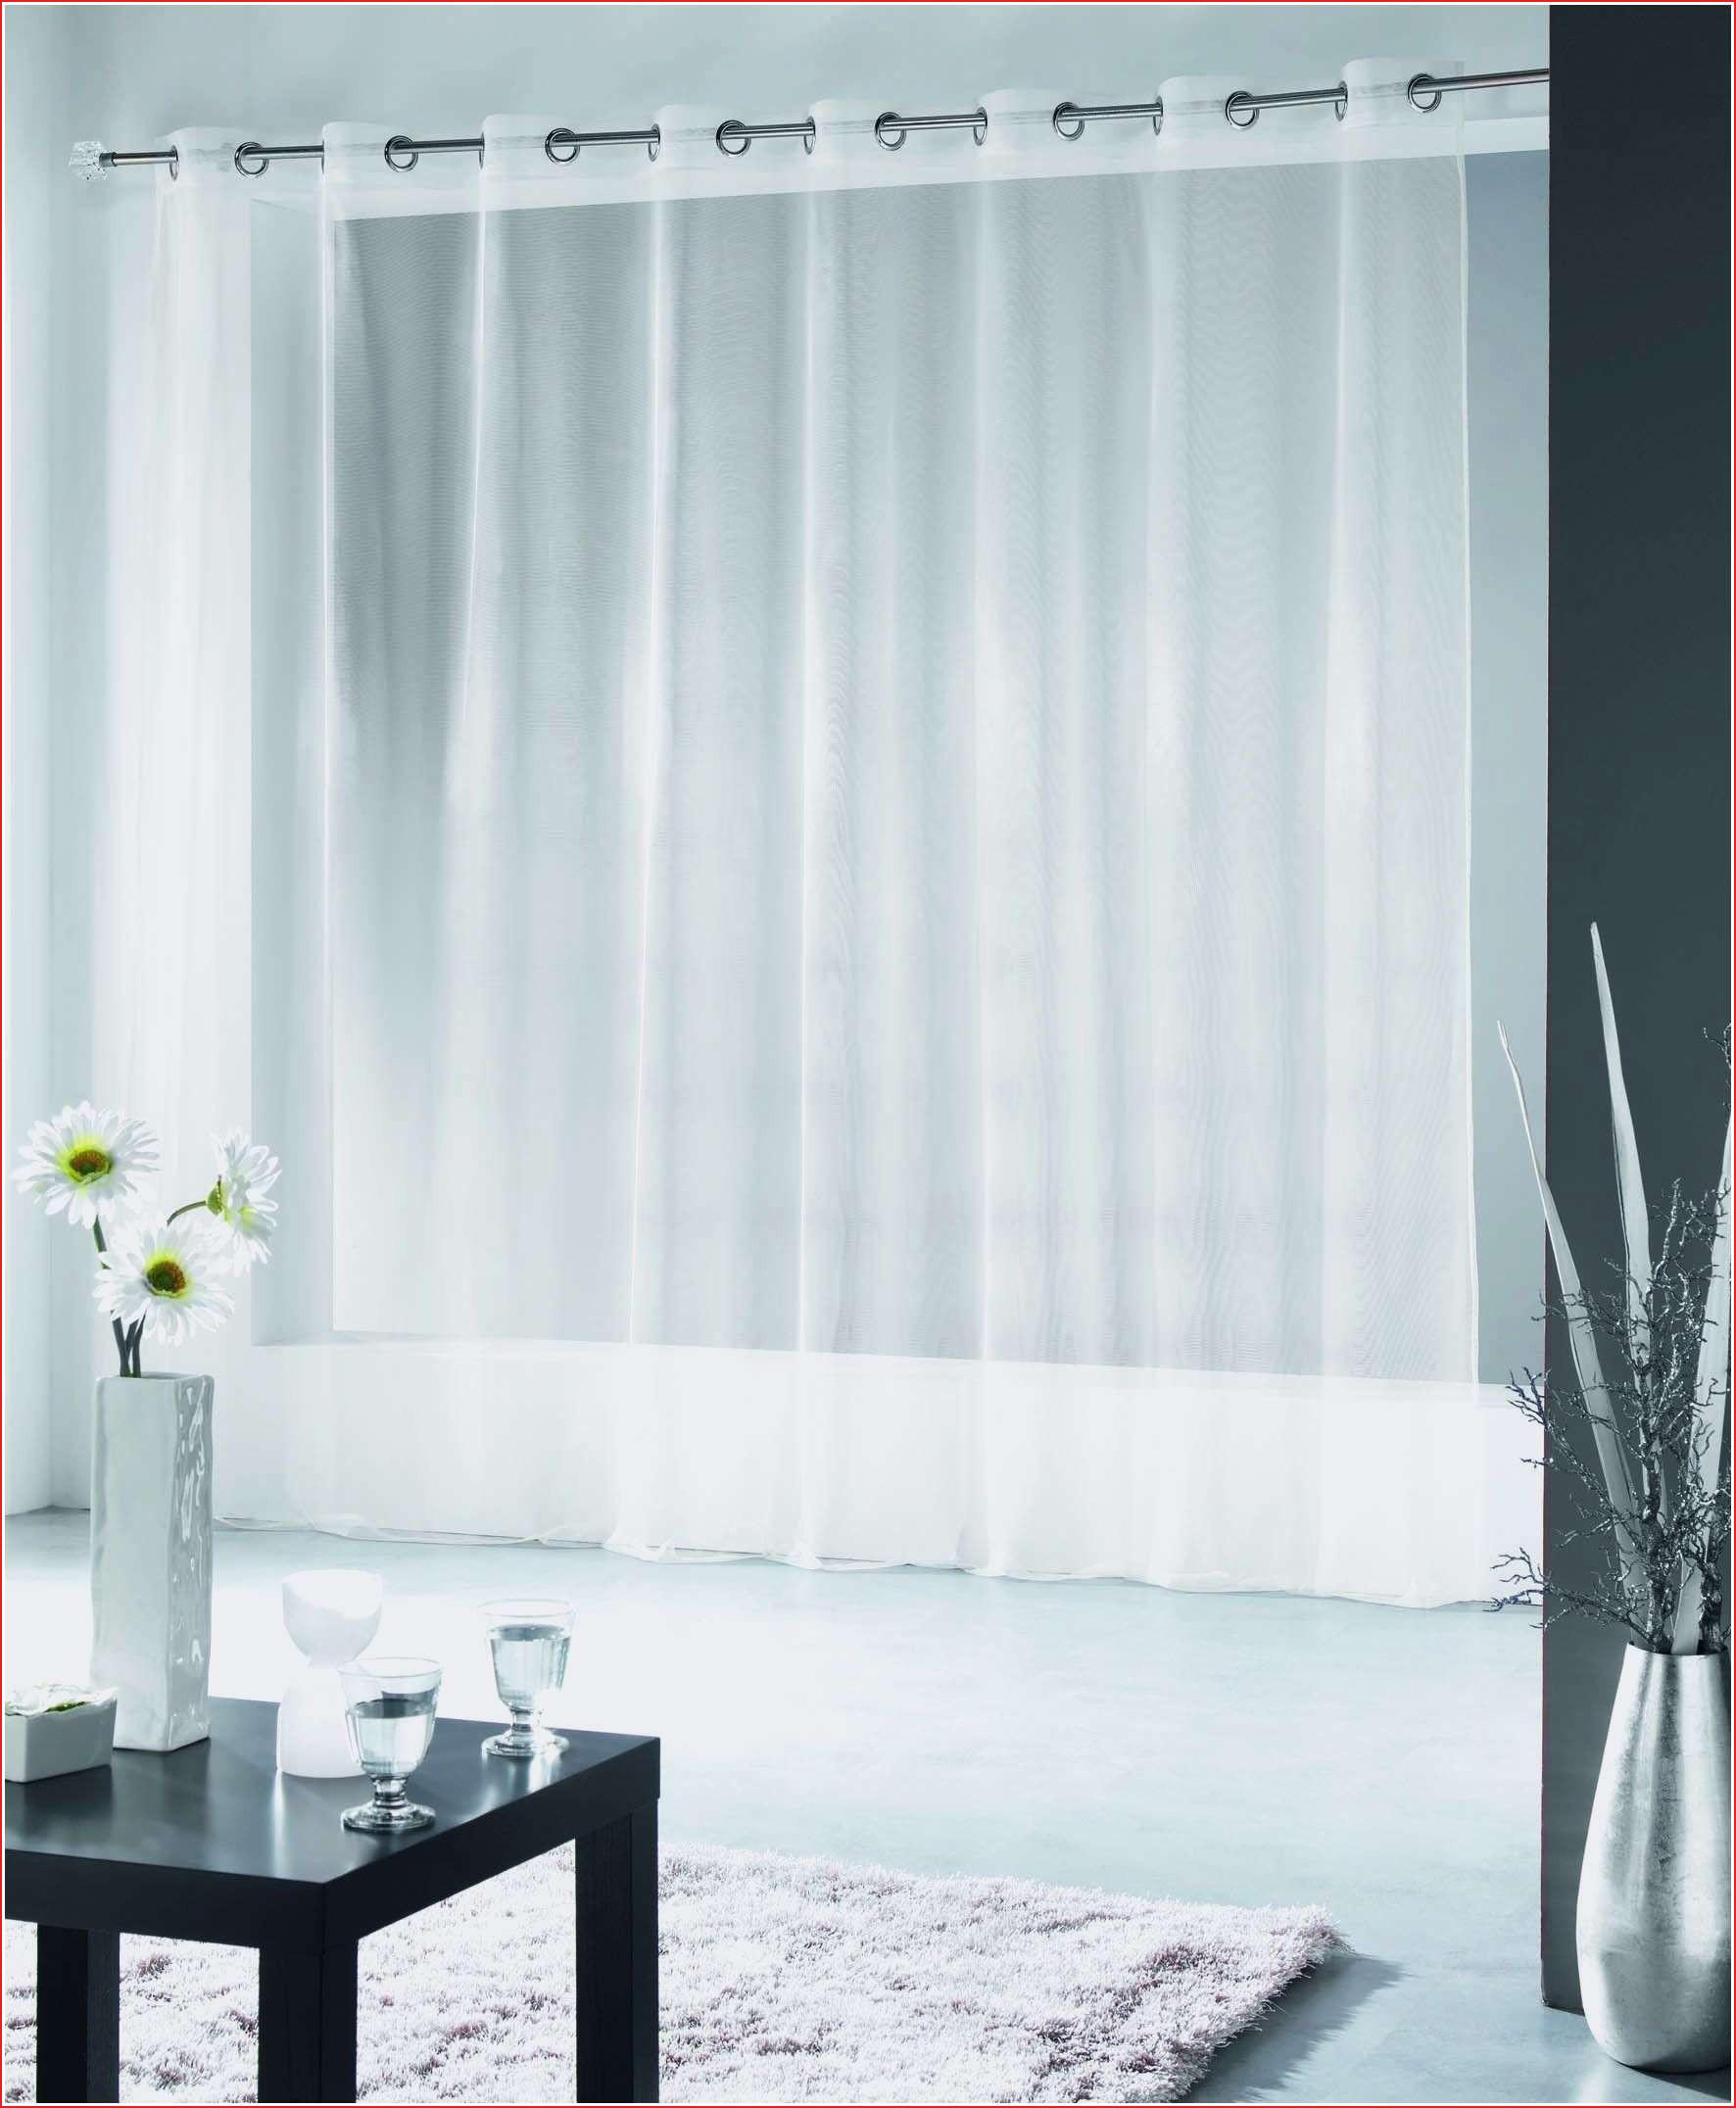 rideaux violet et blanc rideaux droits of rideaux violet et blanc 1